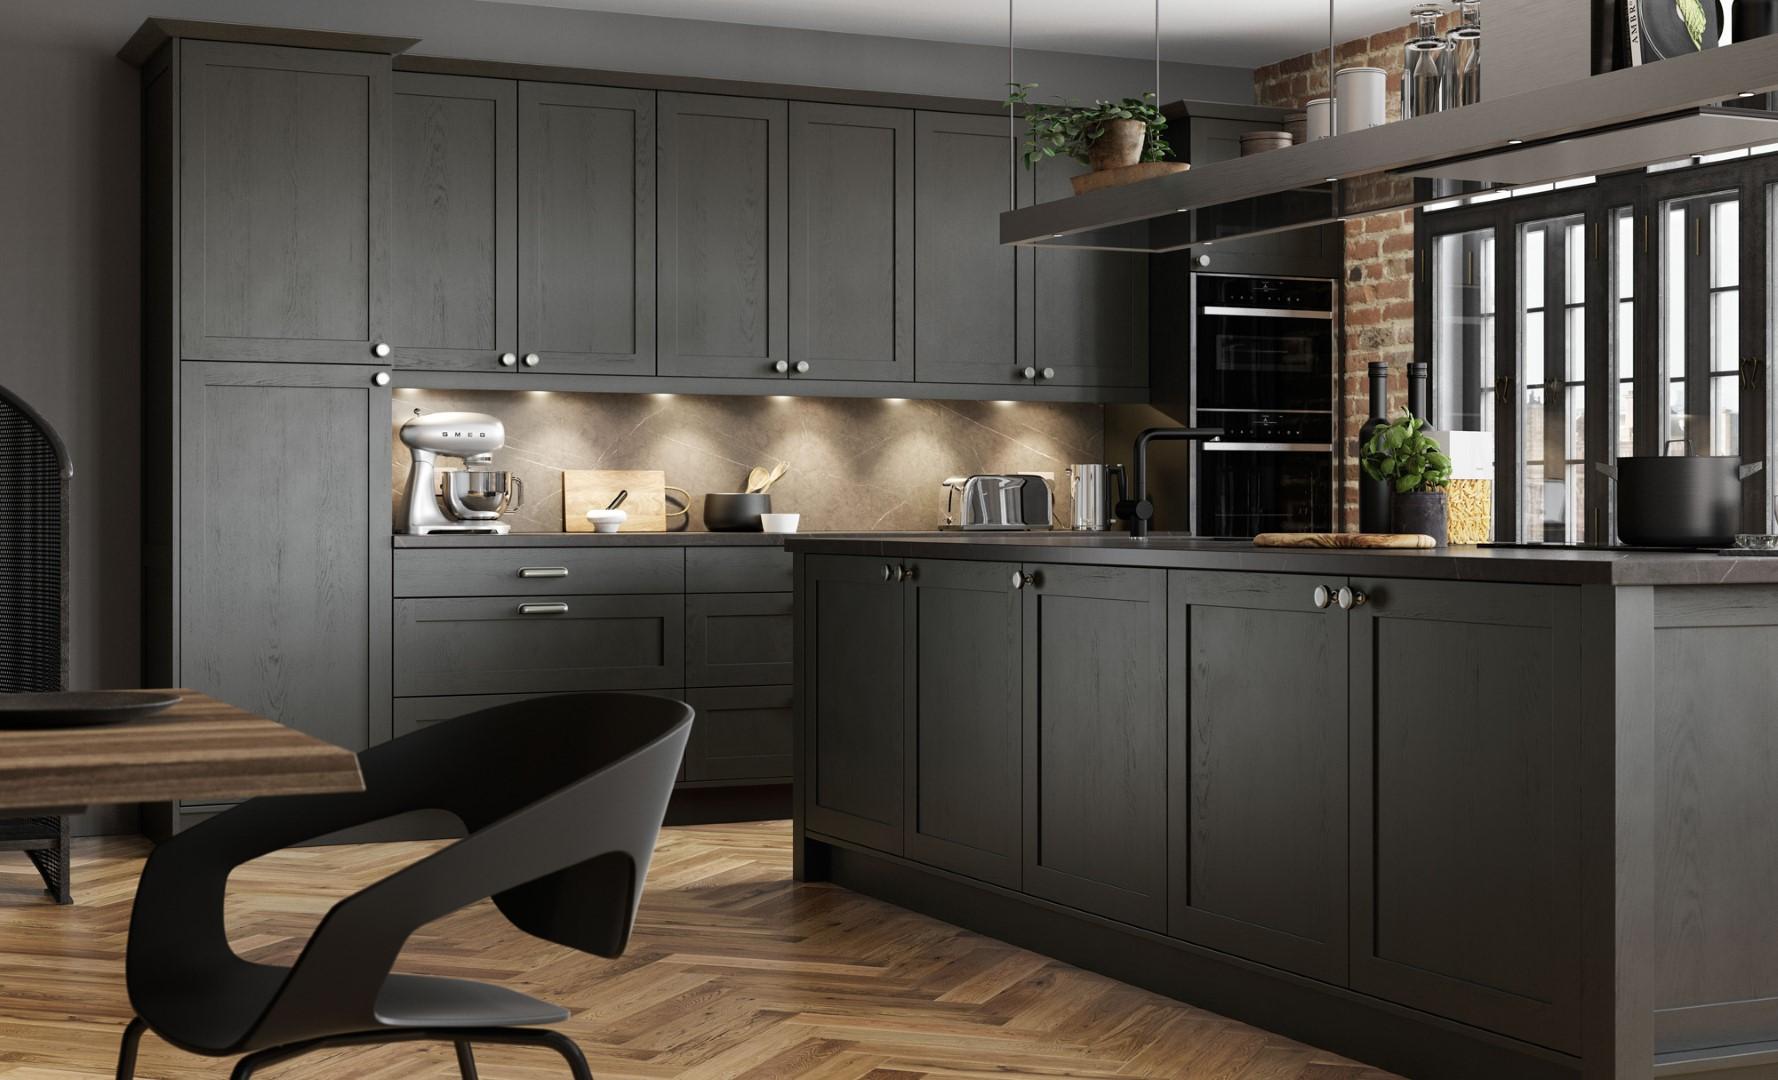 Modern Contemporary Aldana Graphite - Kitchen Design - Alan Kelly Kitchens - Waterford